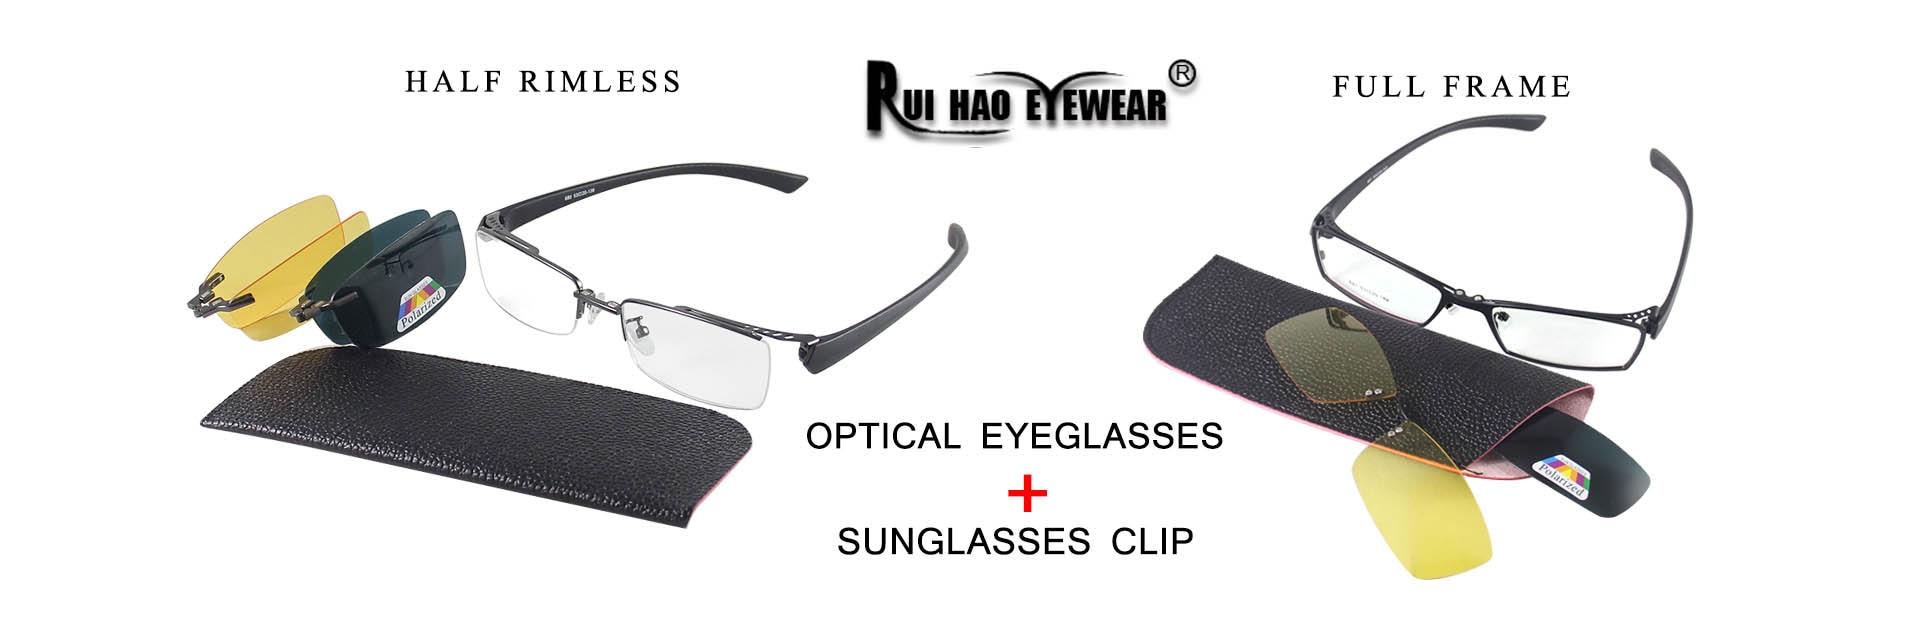 46d8d2680 RUI HAO Eyeglasses Co., Ltd. - Small Orders Online Store, Hot ...